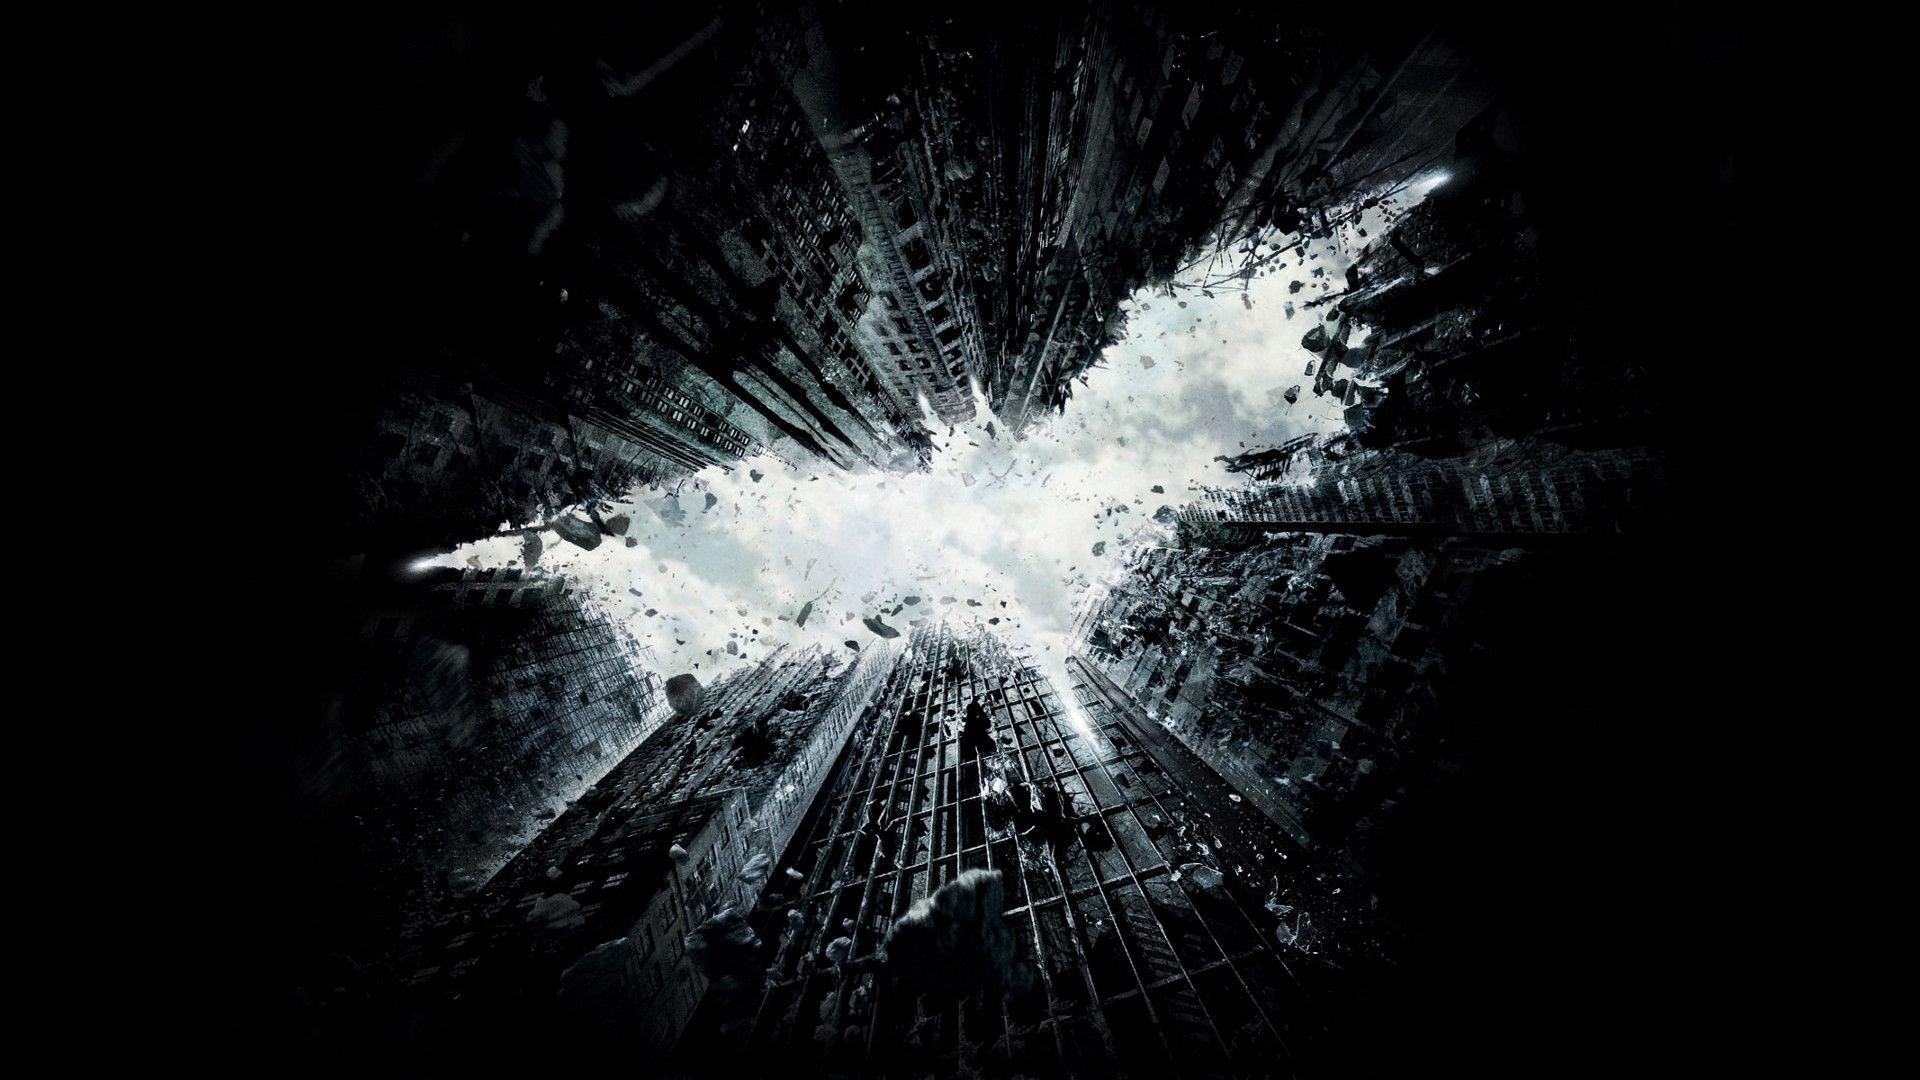 The Dark Knight Rises Wallpaper Hd 1920x1080 Wallpapertag